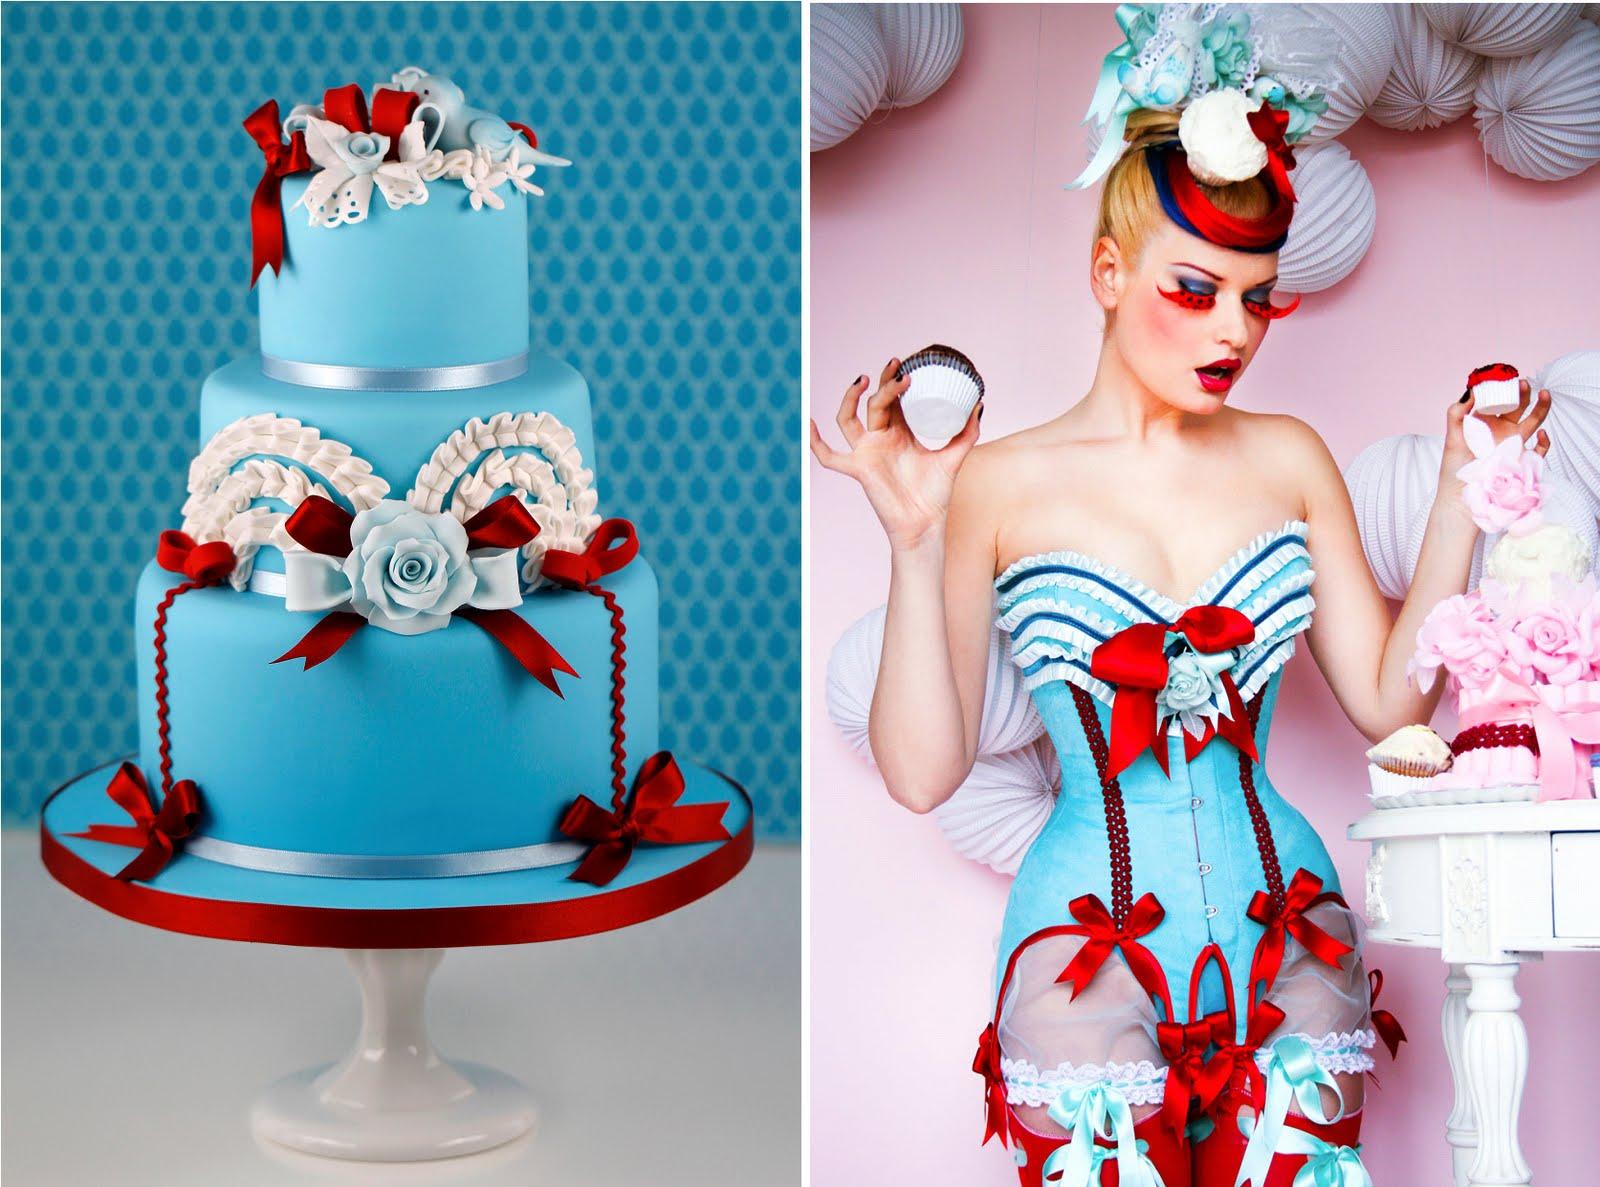 Заказать подарочный торт грёзы - 3 630 руб